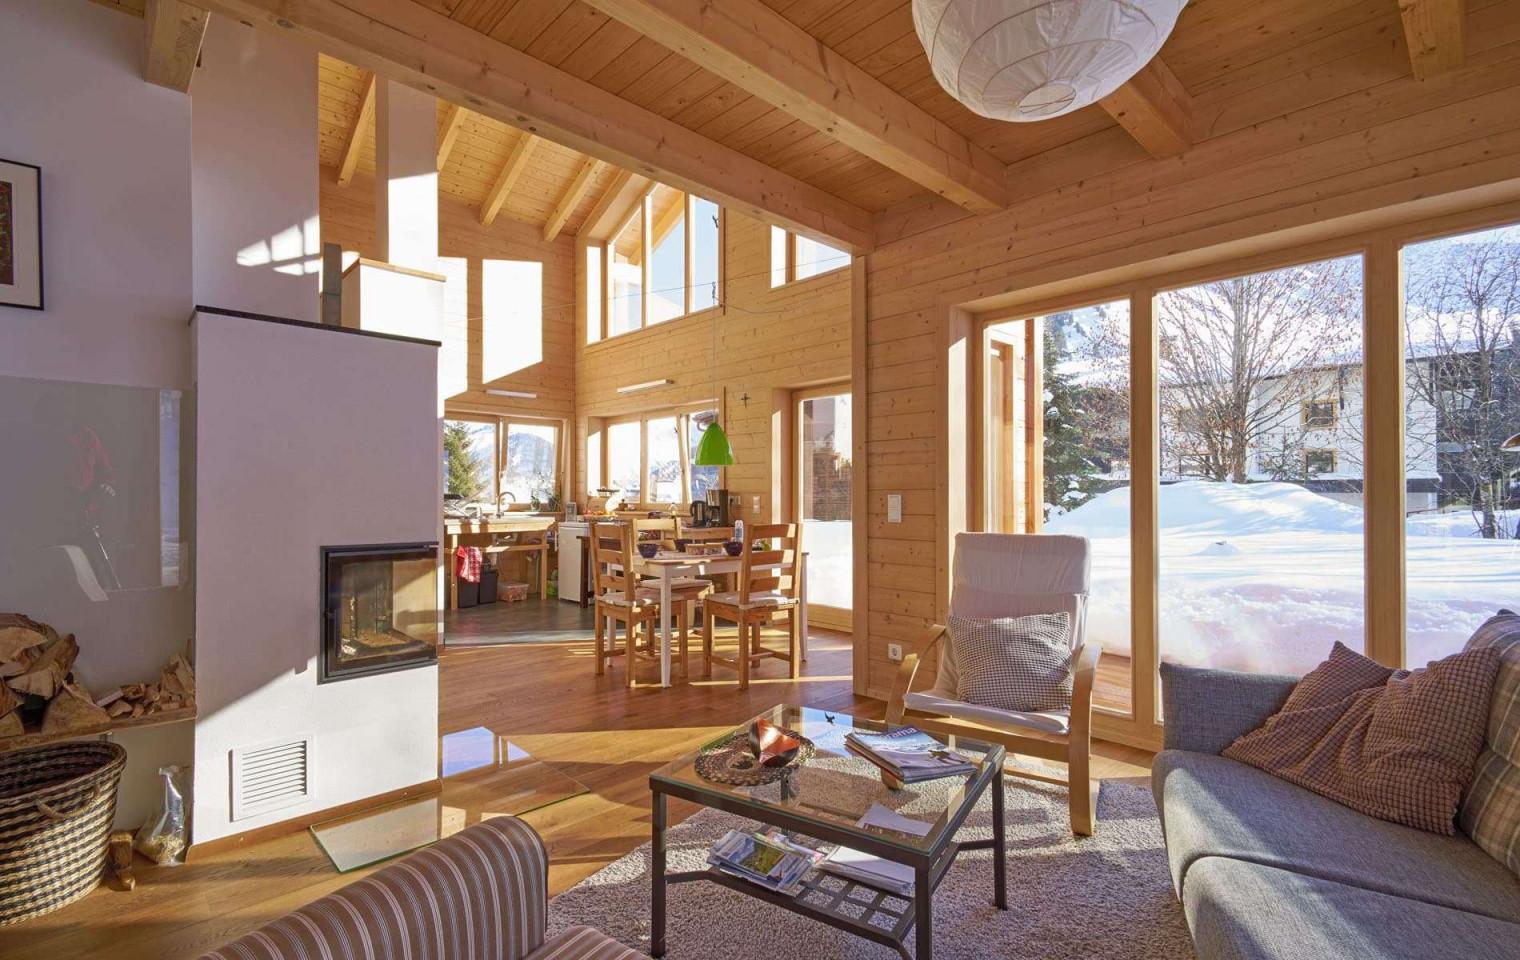 Das Wohnzimmer Gemütlich Einrichten Für Den Winter von Gemütliches Wohnzimmer Einrichten Bild